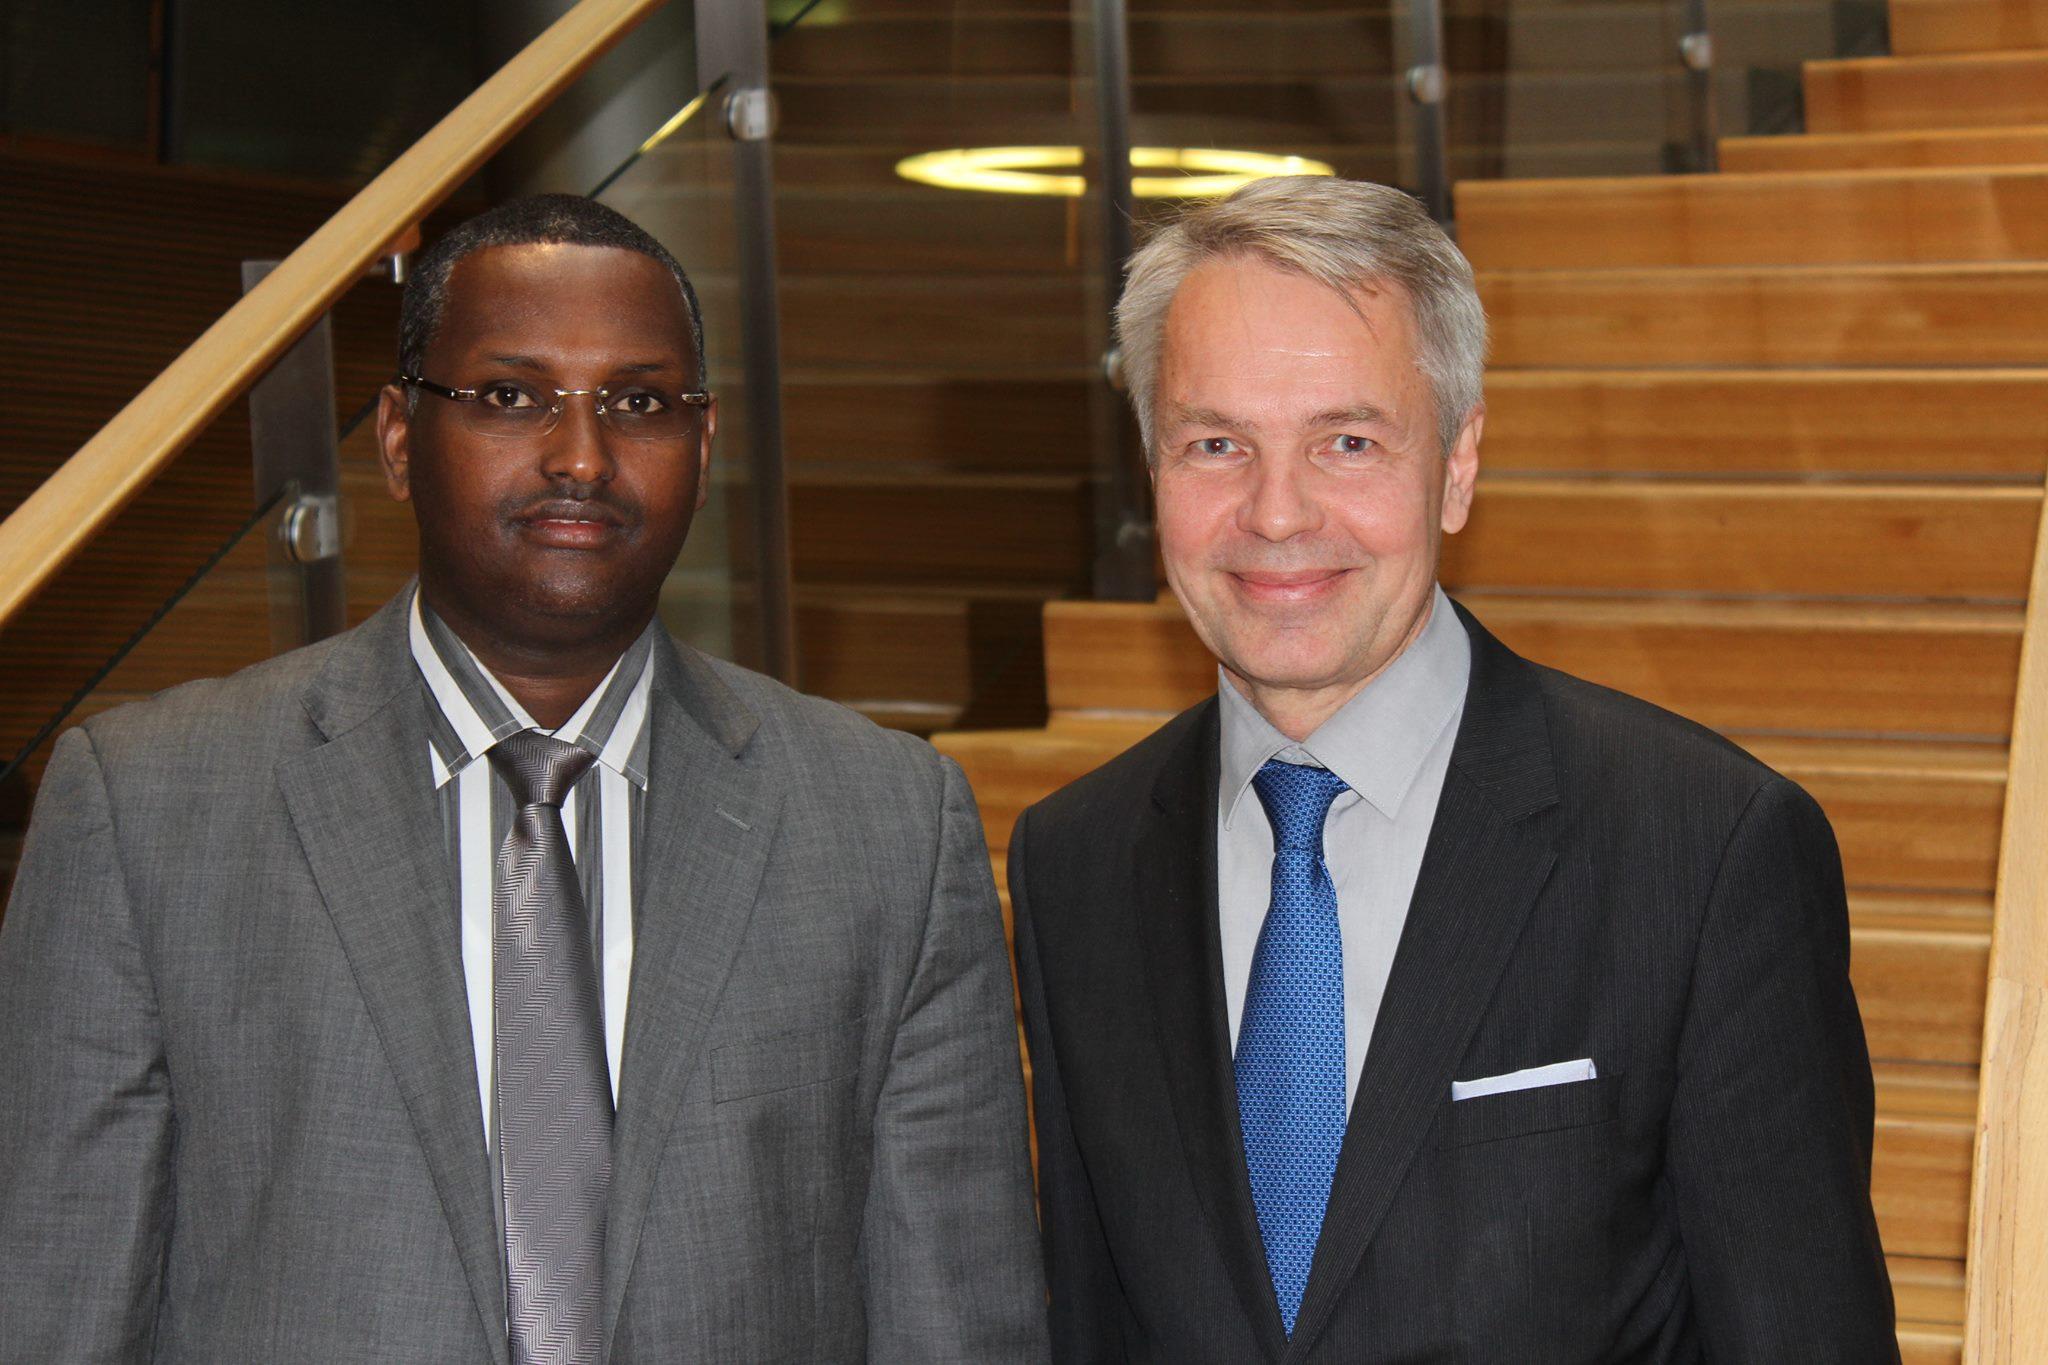 Varaulkoministeri Mahat Salad eduskunnassa tapaamassa kansanedustaja, ex-kehitysyhteistyöministeri Pekka Haavistoa. Kuva: Warsan media